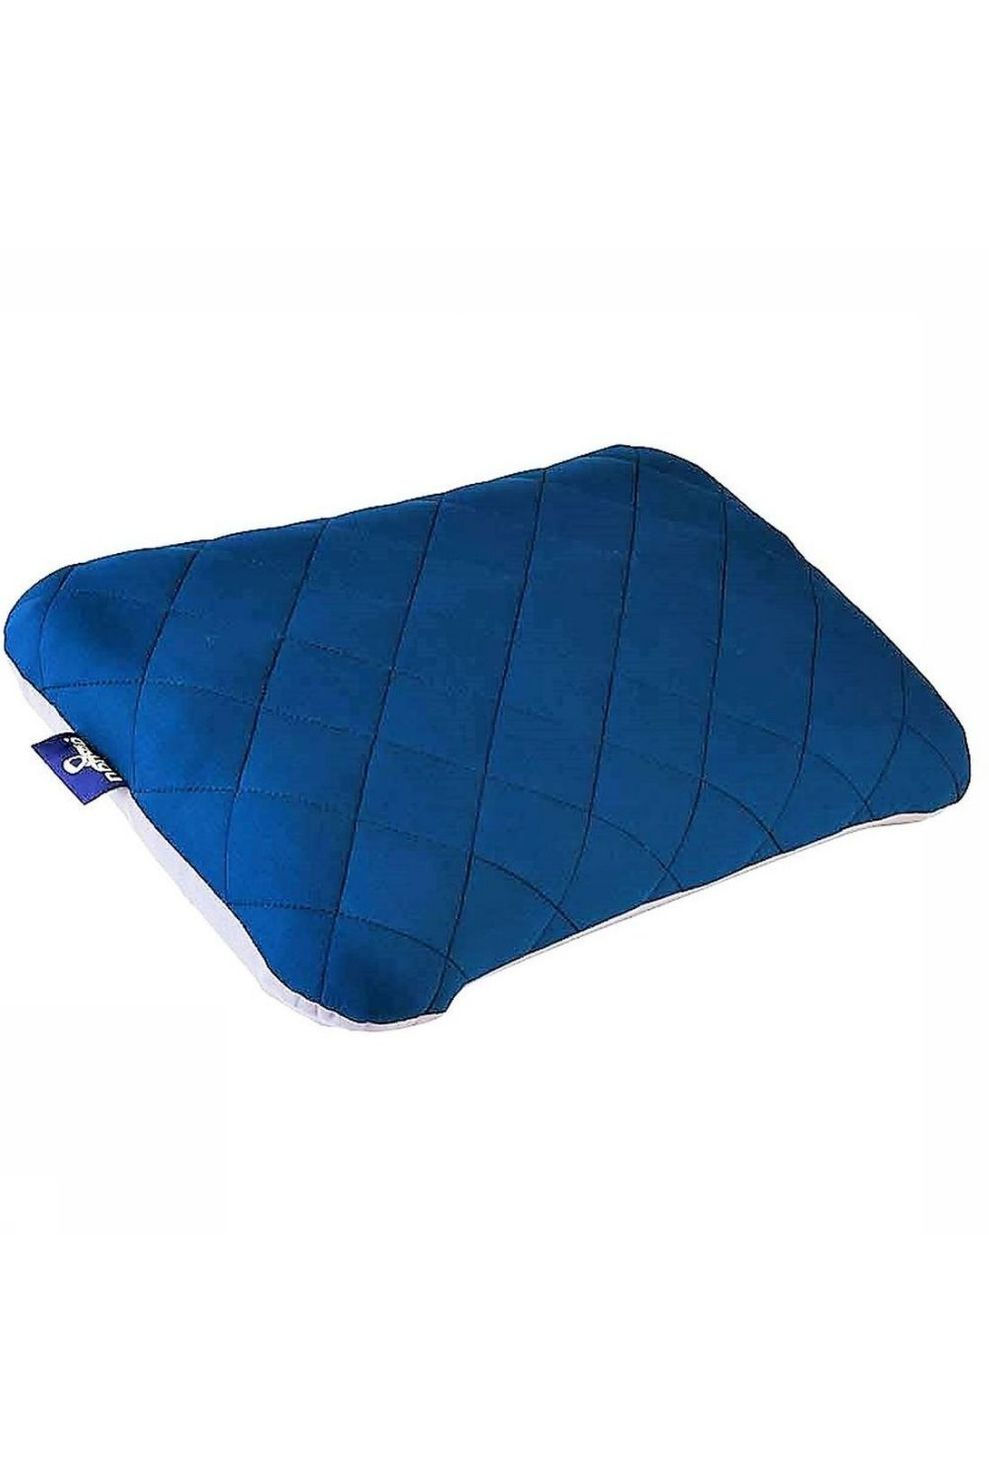 Nomad Kussen Soft-Rest 8.0 - Blauw